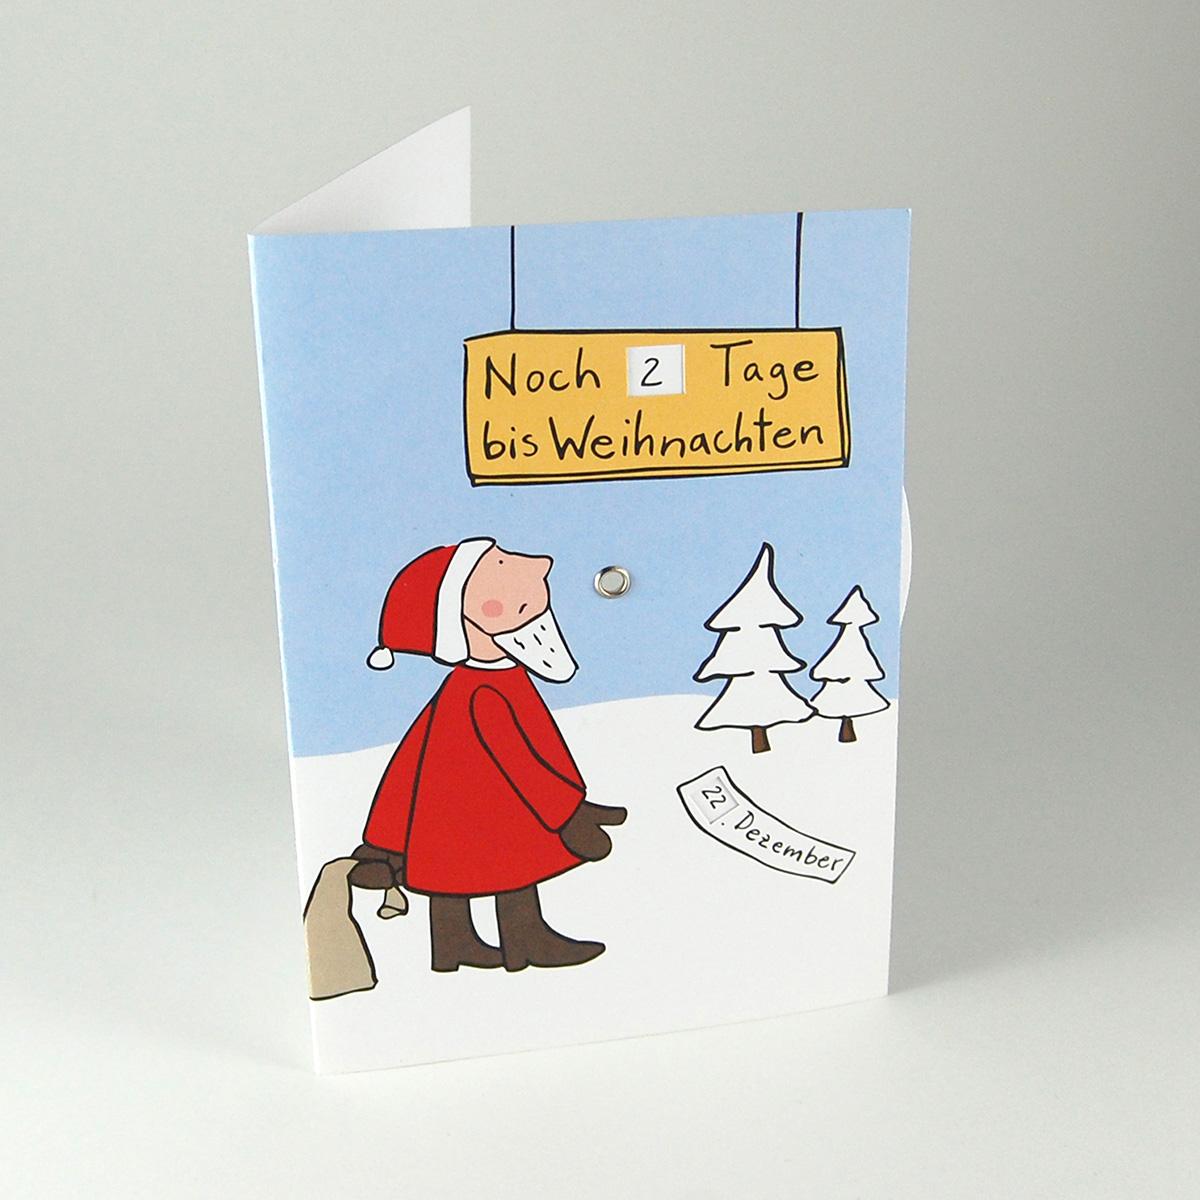 Tage Bis Weihnachten.Recycling Adventskarte Mit Drehscheibe Noch Tage Bis Weihnachten